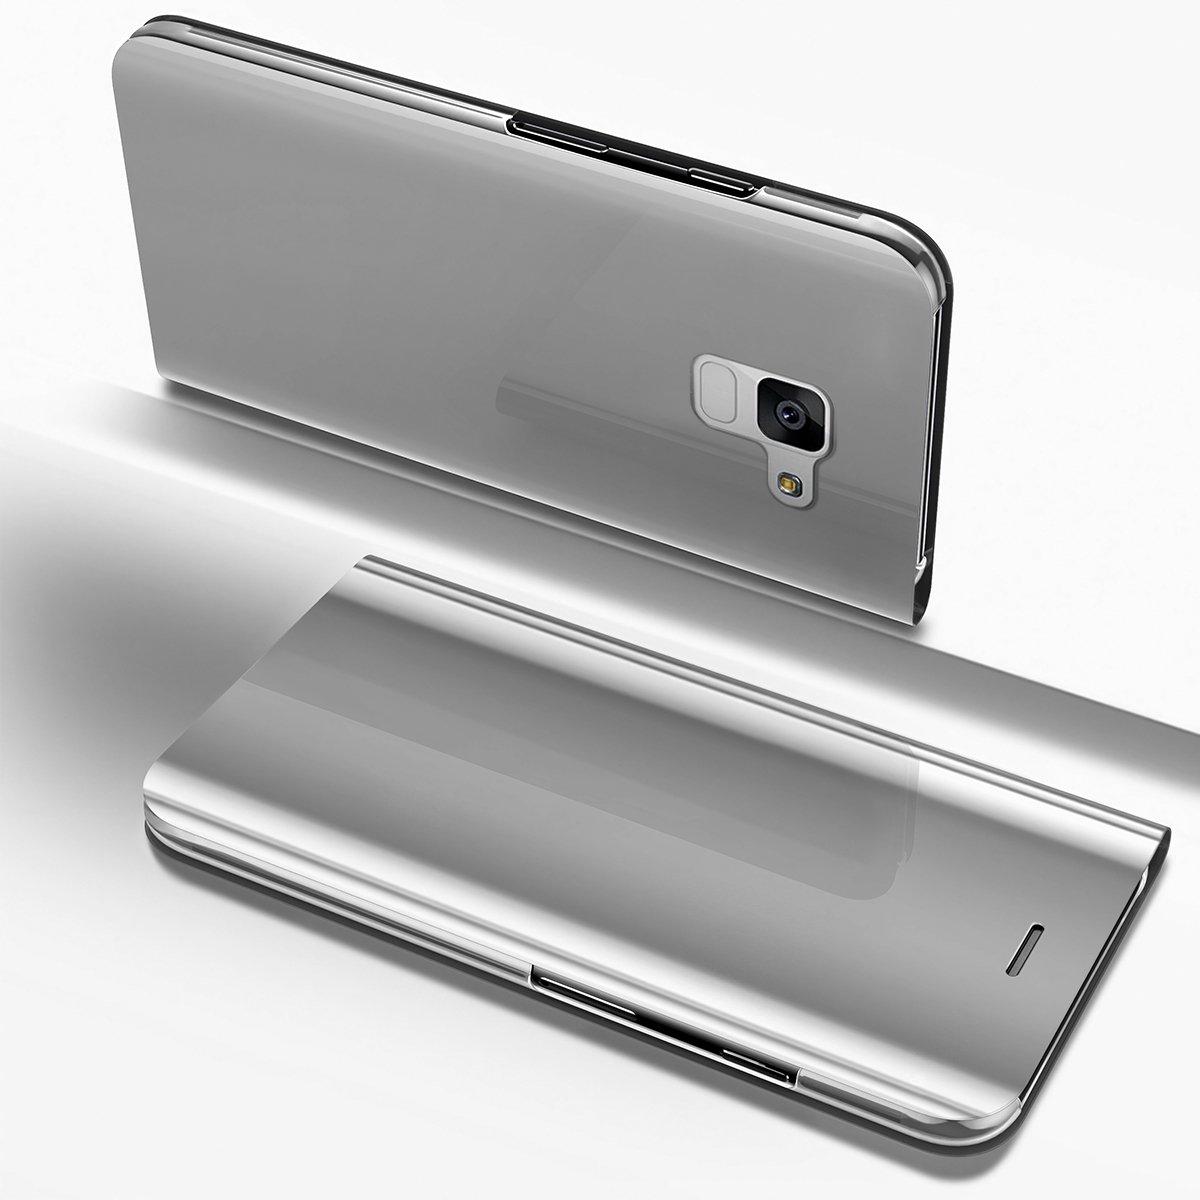 Ysimee Coque Samsung Galaxy A8 2018, Étui Folio à Rabat Clear View Case Couleur Unie Translucide Miroir Housse en PC Fonction Support Ultra Mince Flip Portefeuille Coque pour Galaxy A8 2018, Bleu